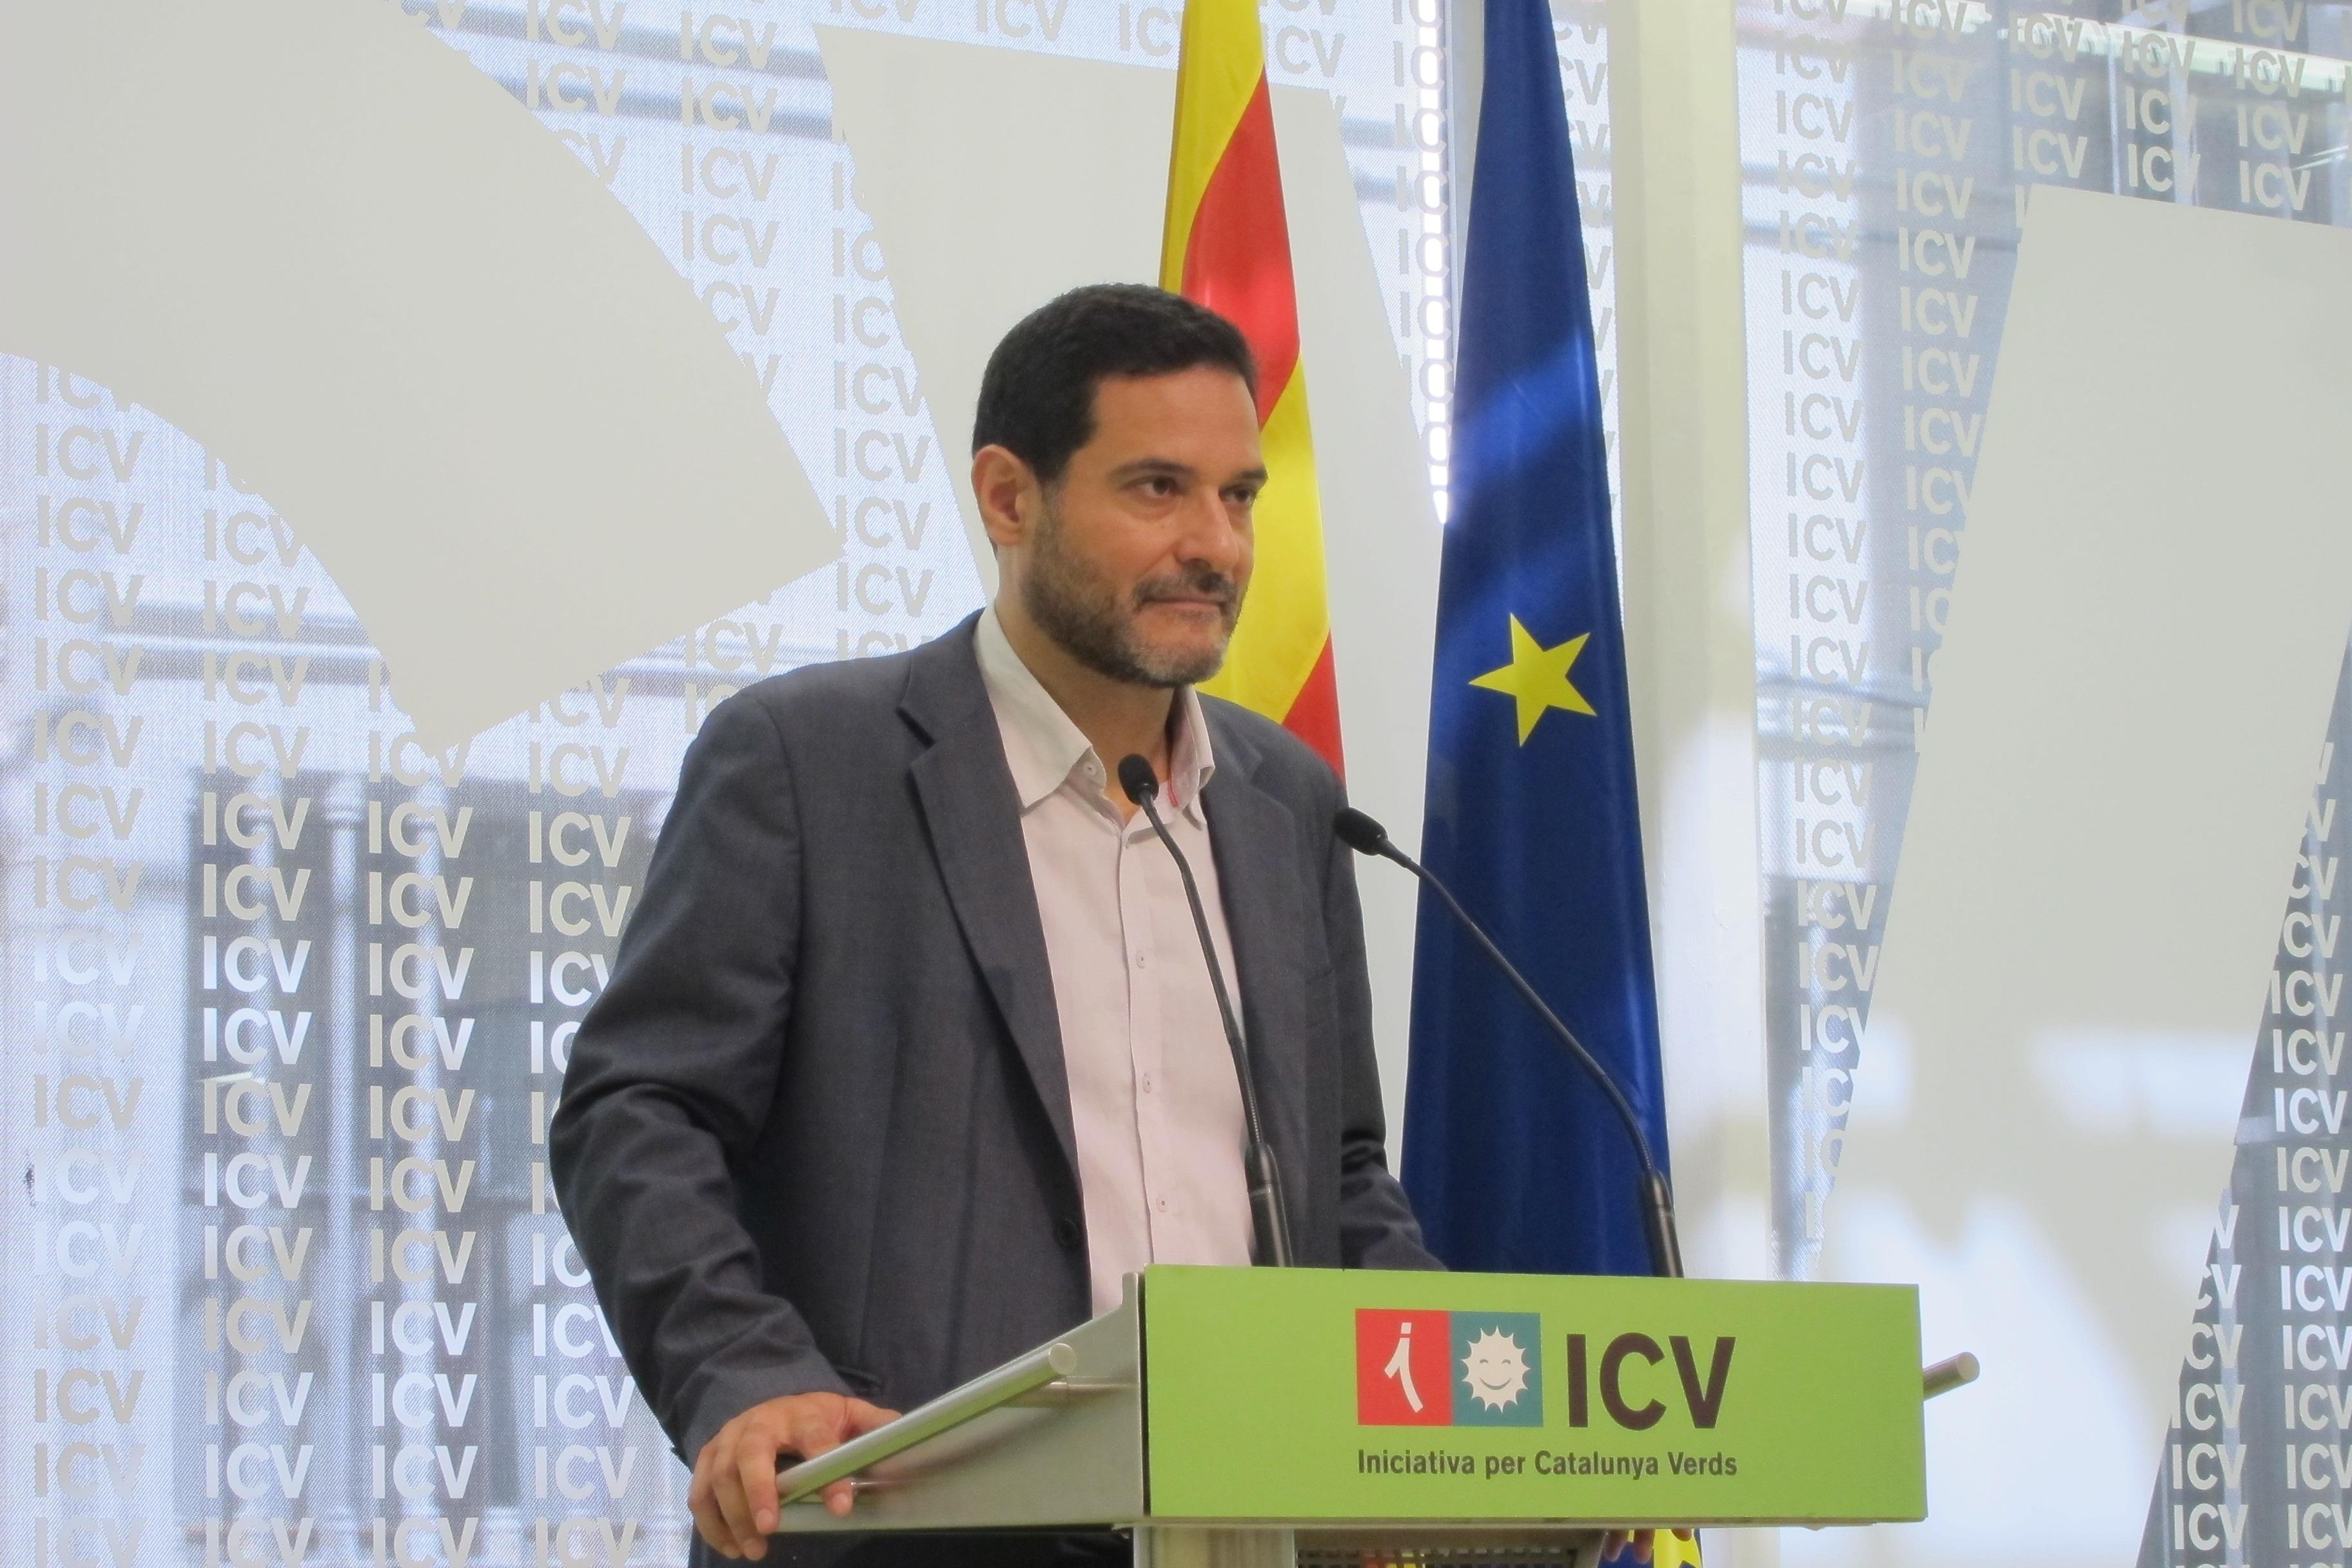 ICV reta al Estado a plantear una alternativa a la independencia no basada solo en la economía